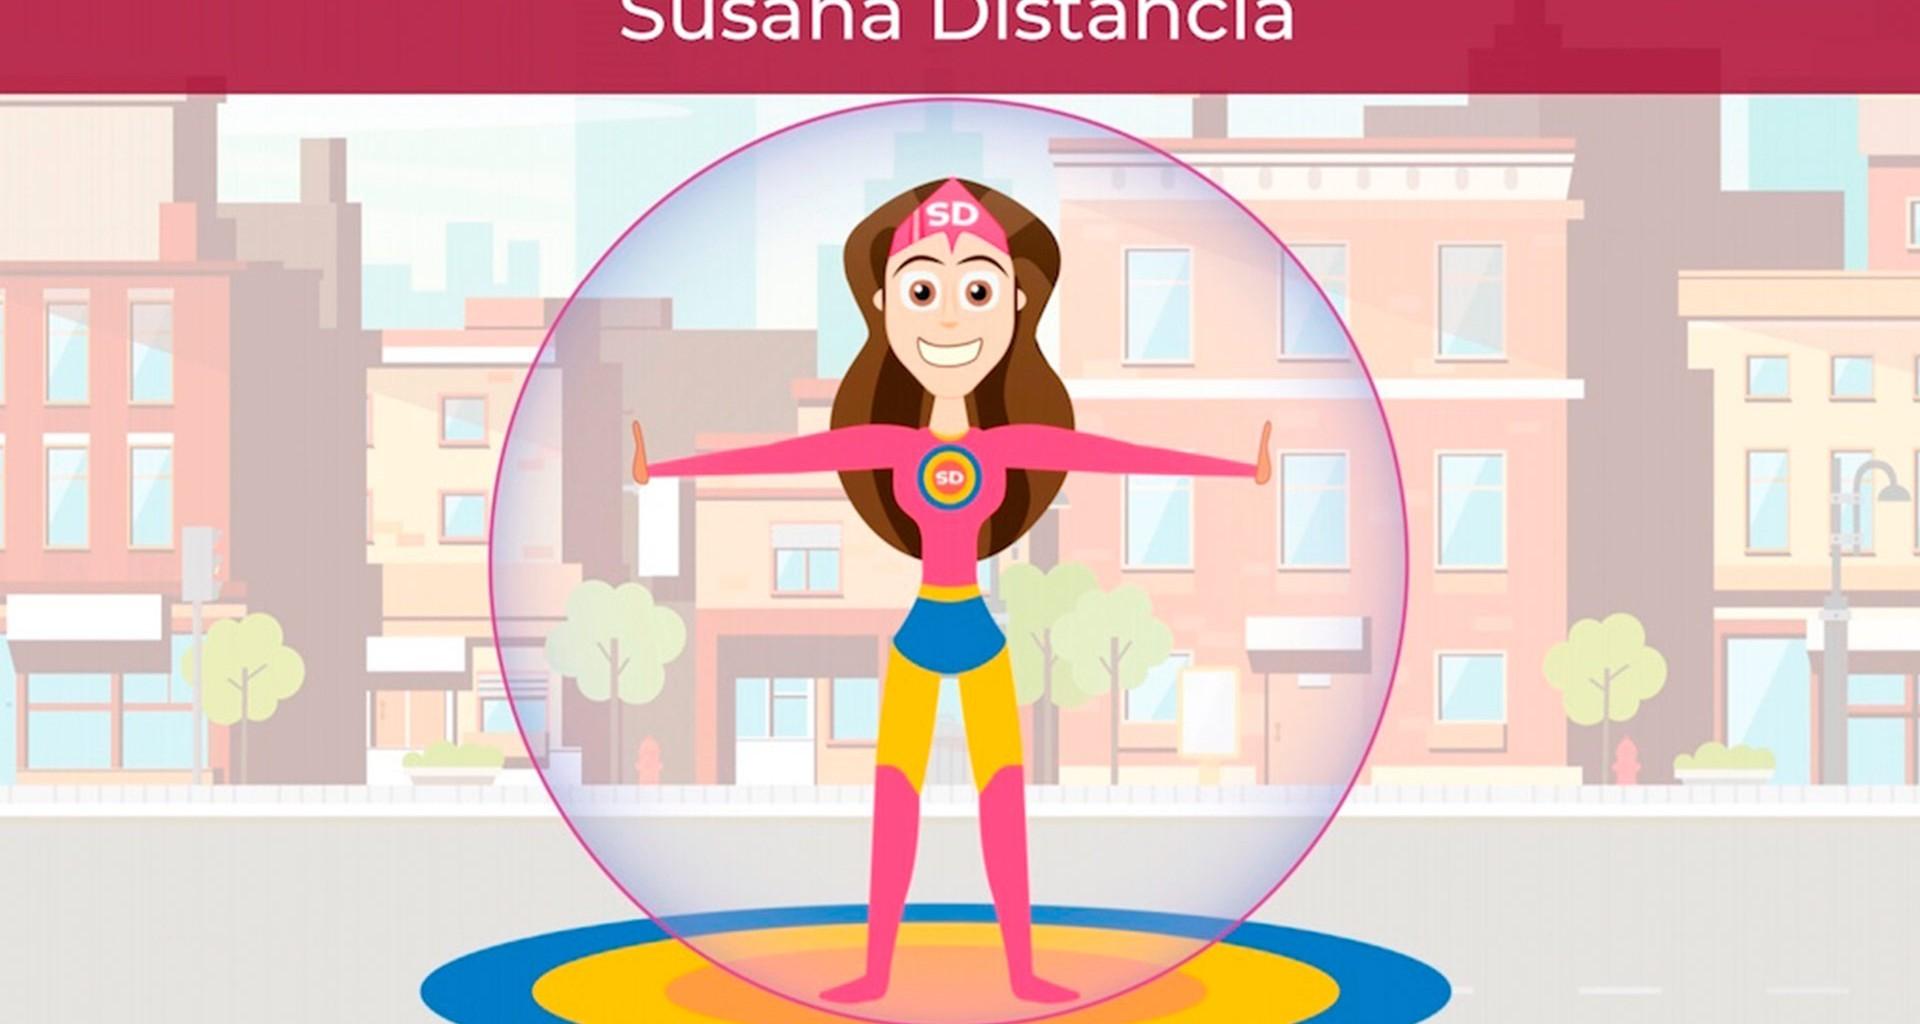 Profesor del Tec y estudiante ayudan en la campaña de Susana Distancia